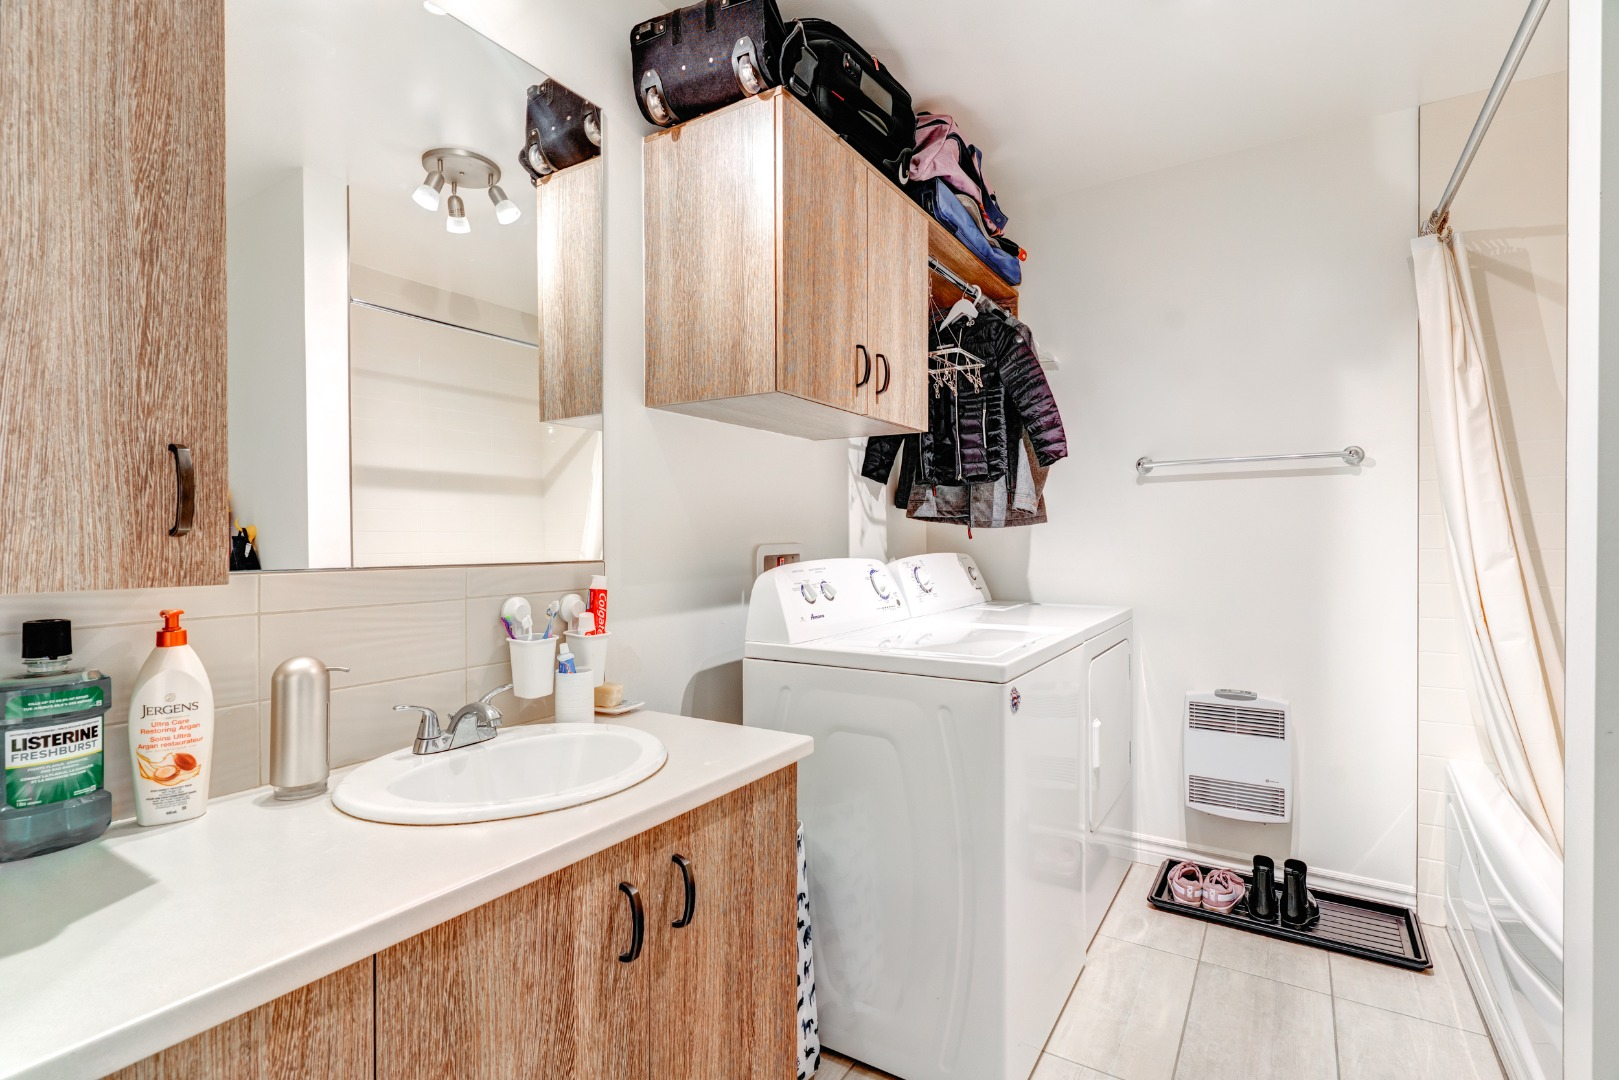 immophoto_-_Appartement_-_7074_de_Lorimier_-_es-16.jpg